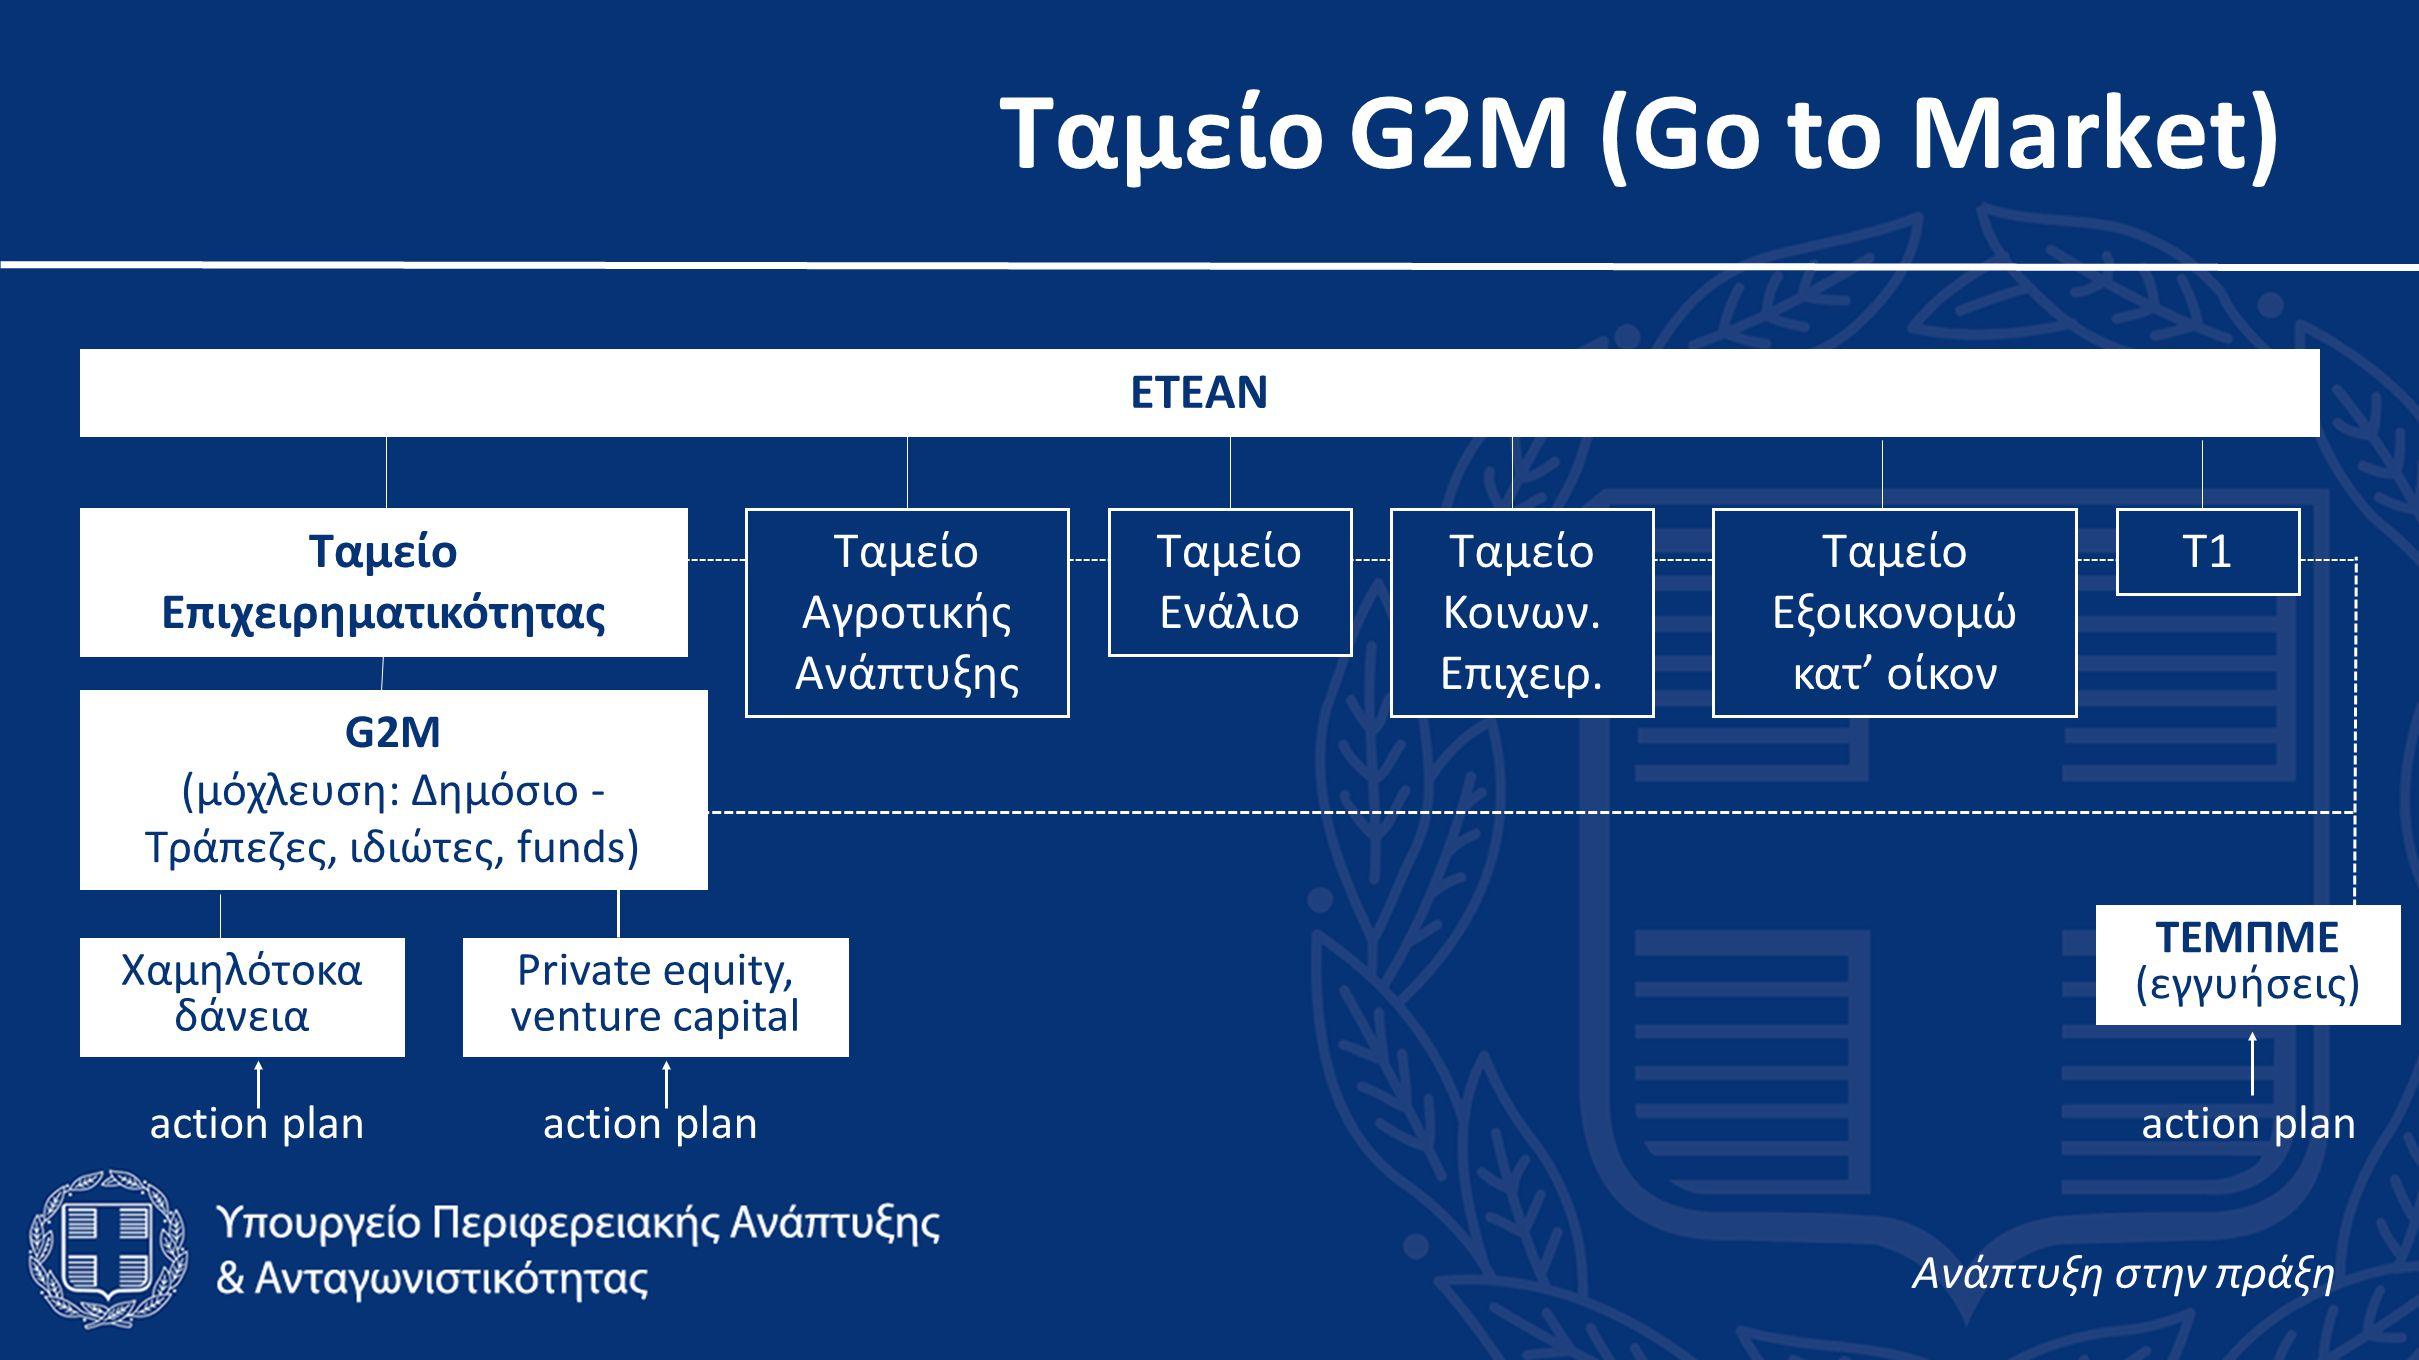 Ταμείο G2M (Go to Market) Aνάπτυξη στην πράξη ΕΤΕΑΝ G2M (μόχλευση: Δημόσιο - Τράπεζες, ιδιώτες, funds) Χαμηλότοκα δάνεια Private equity, venture capital ΤΕΜΠΜΕ (εγγυήσεις) action plan Ταμείο Επιχειρηματικότητας action plan Ταμείο Αγροτικής Ανάπτυξης Ταμείο Ενάλιο Ταμείο Κοινων.